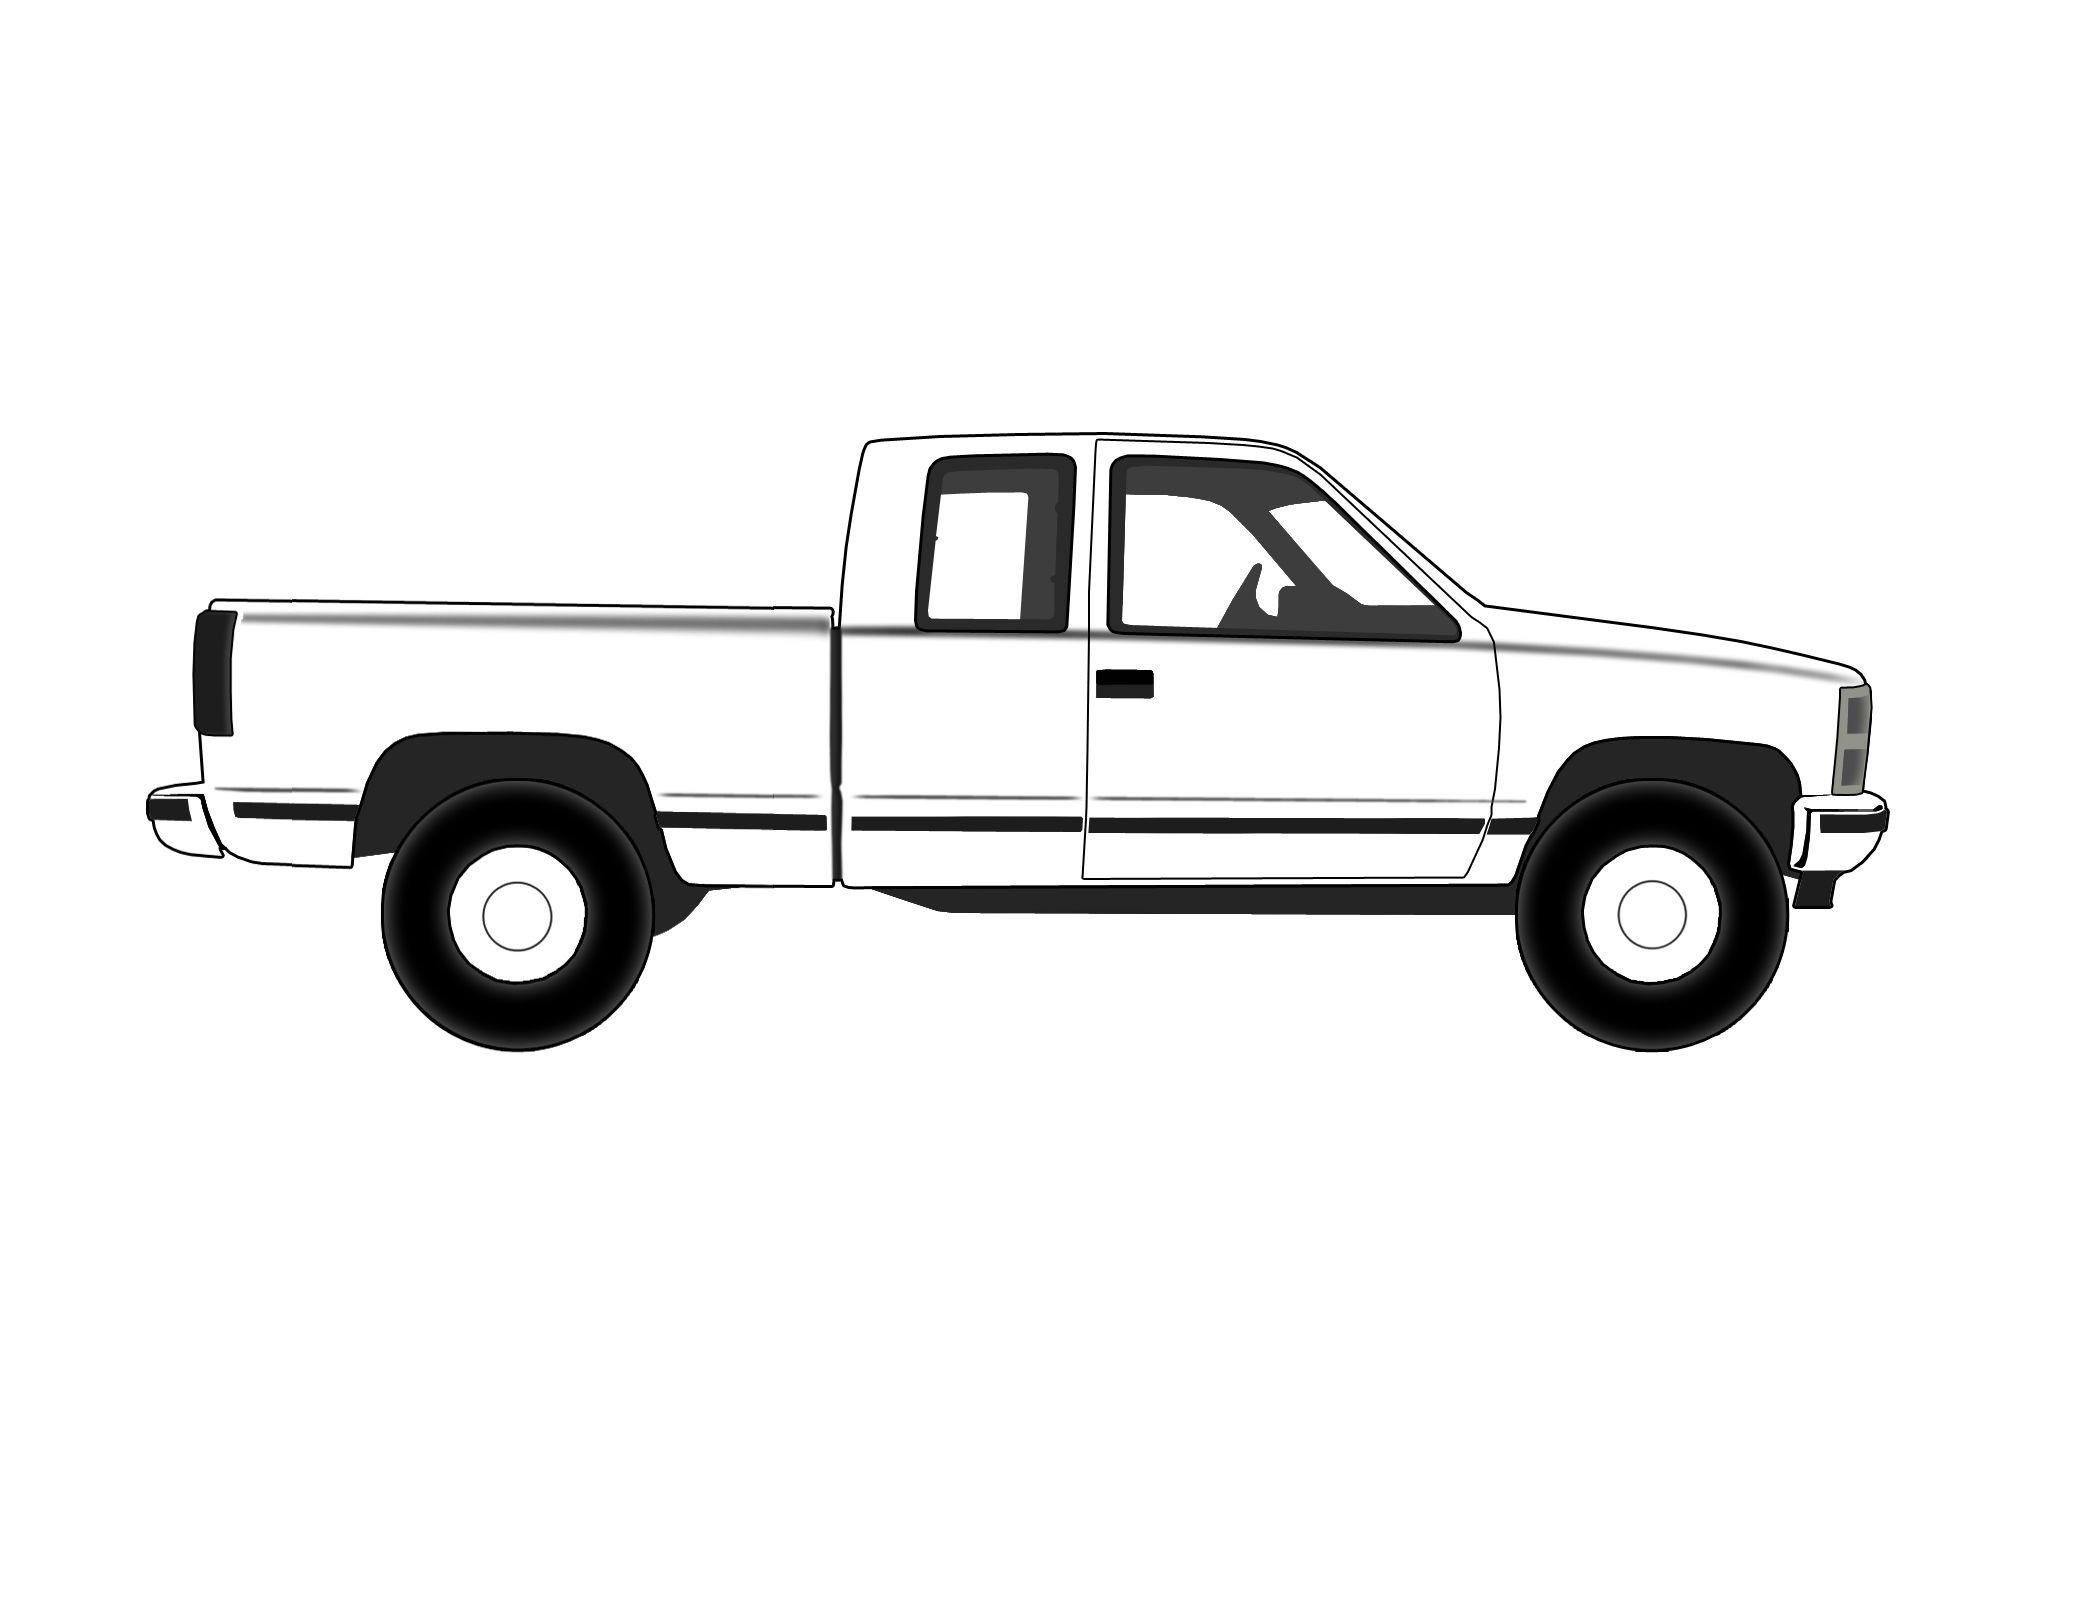 Truck Outline Clip Art